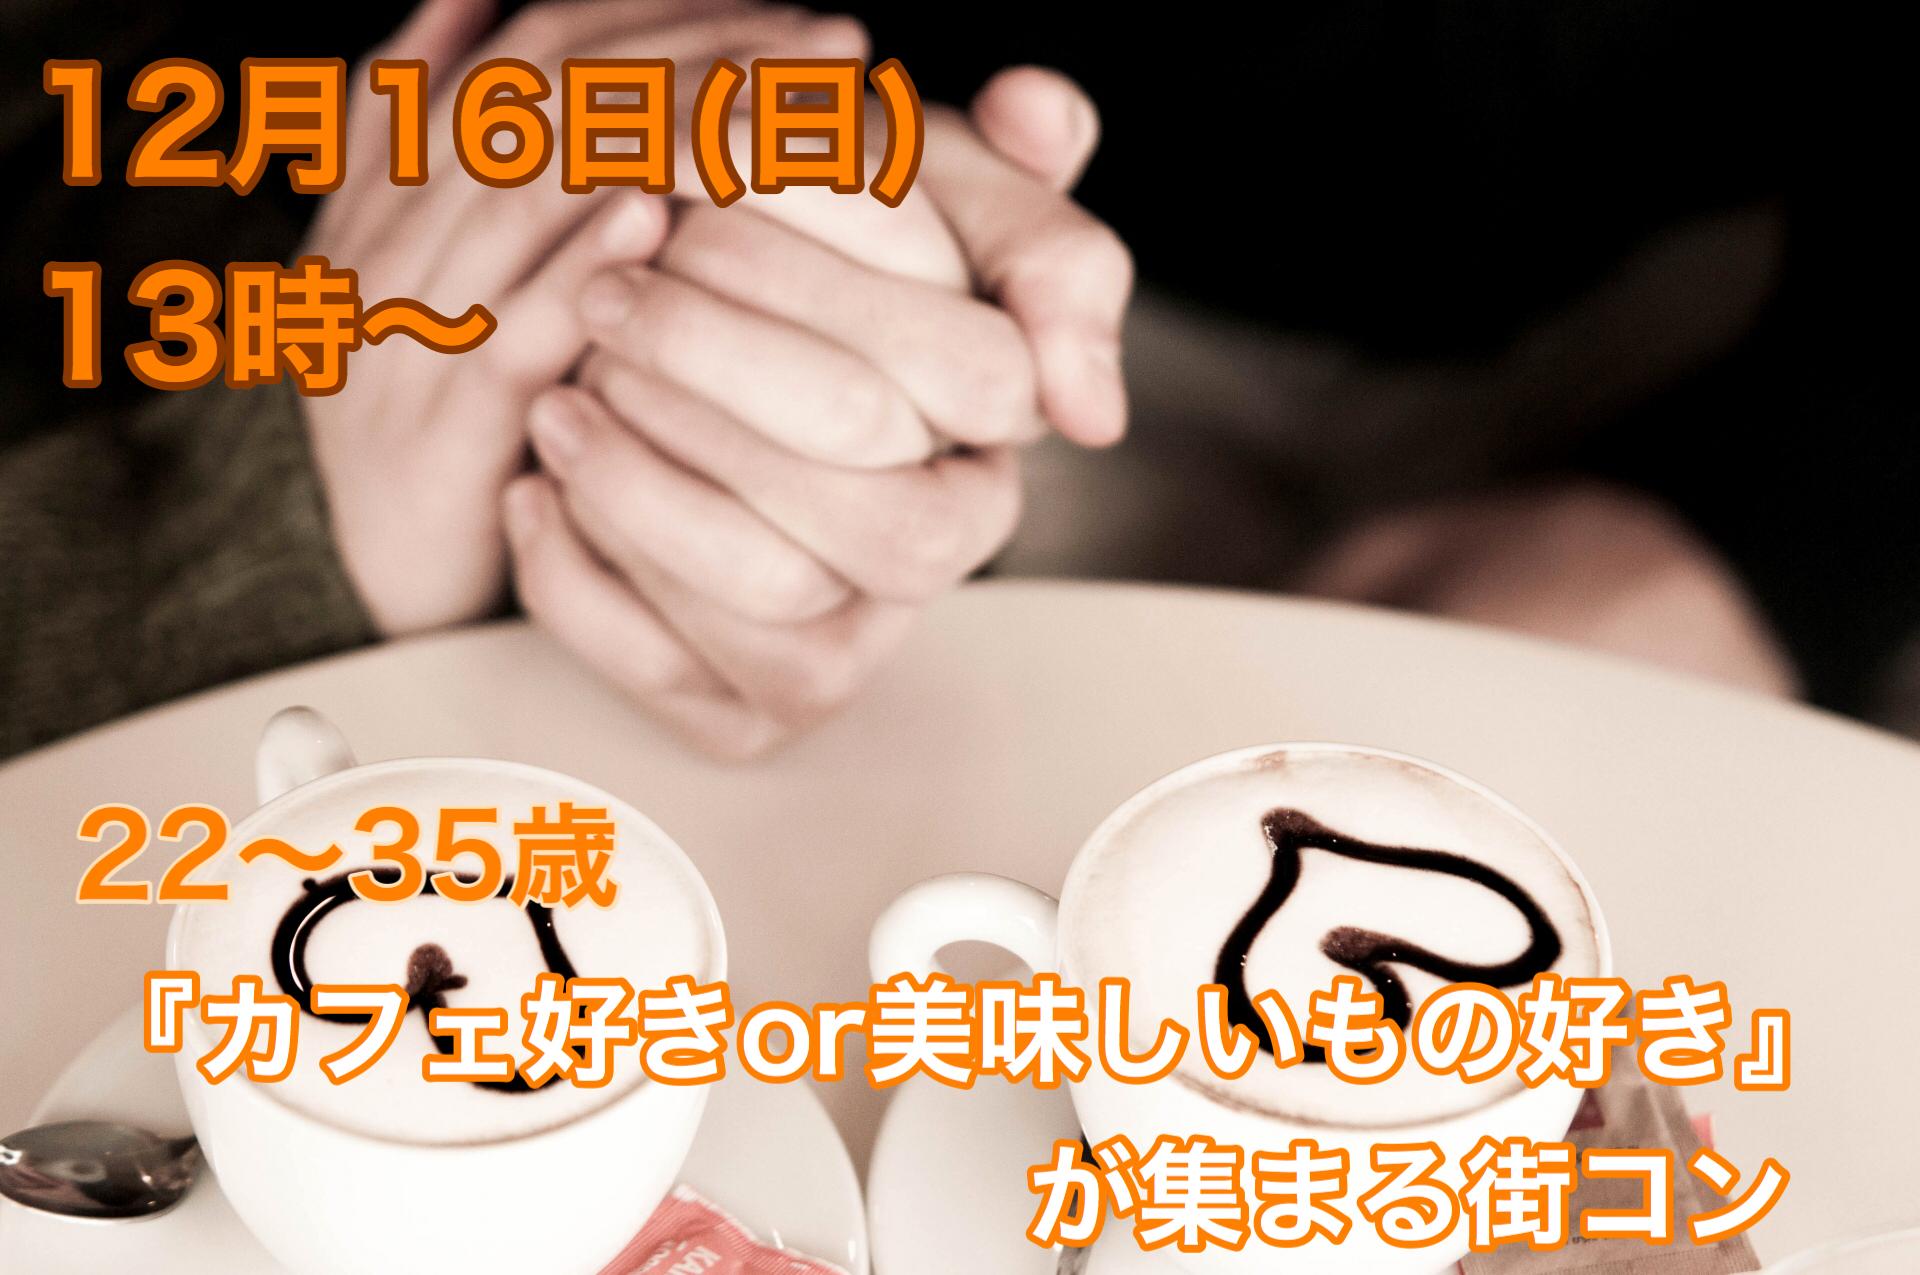 【終了】12月16日(日)13時~【22~35歳限定】『カフェ好きOR美味しいもの好き』が集まる街コン!